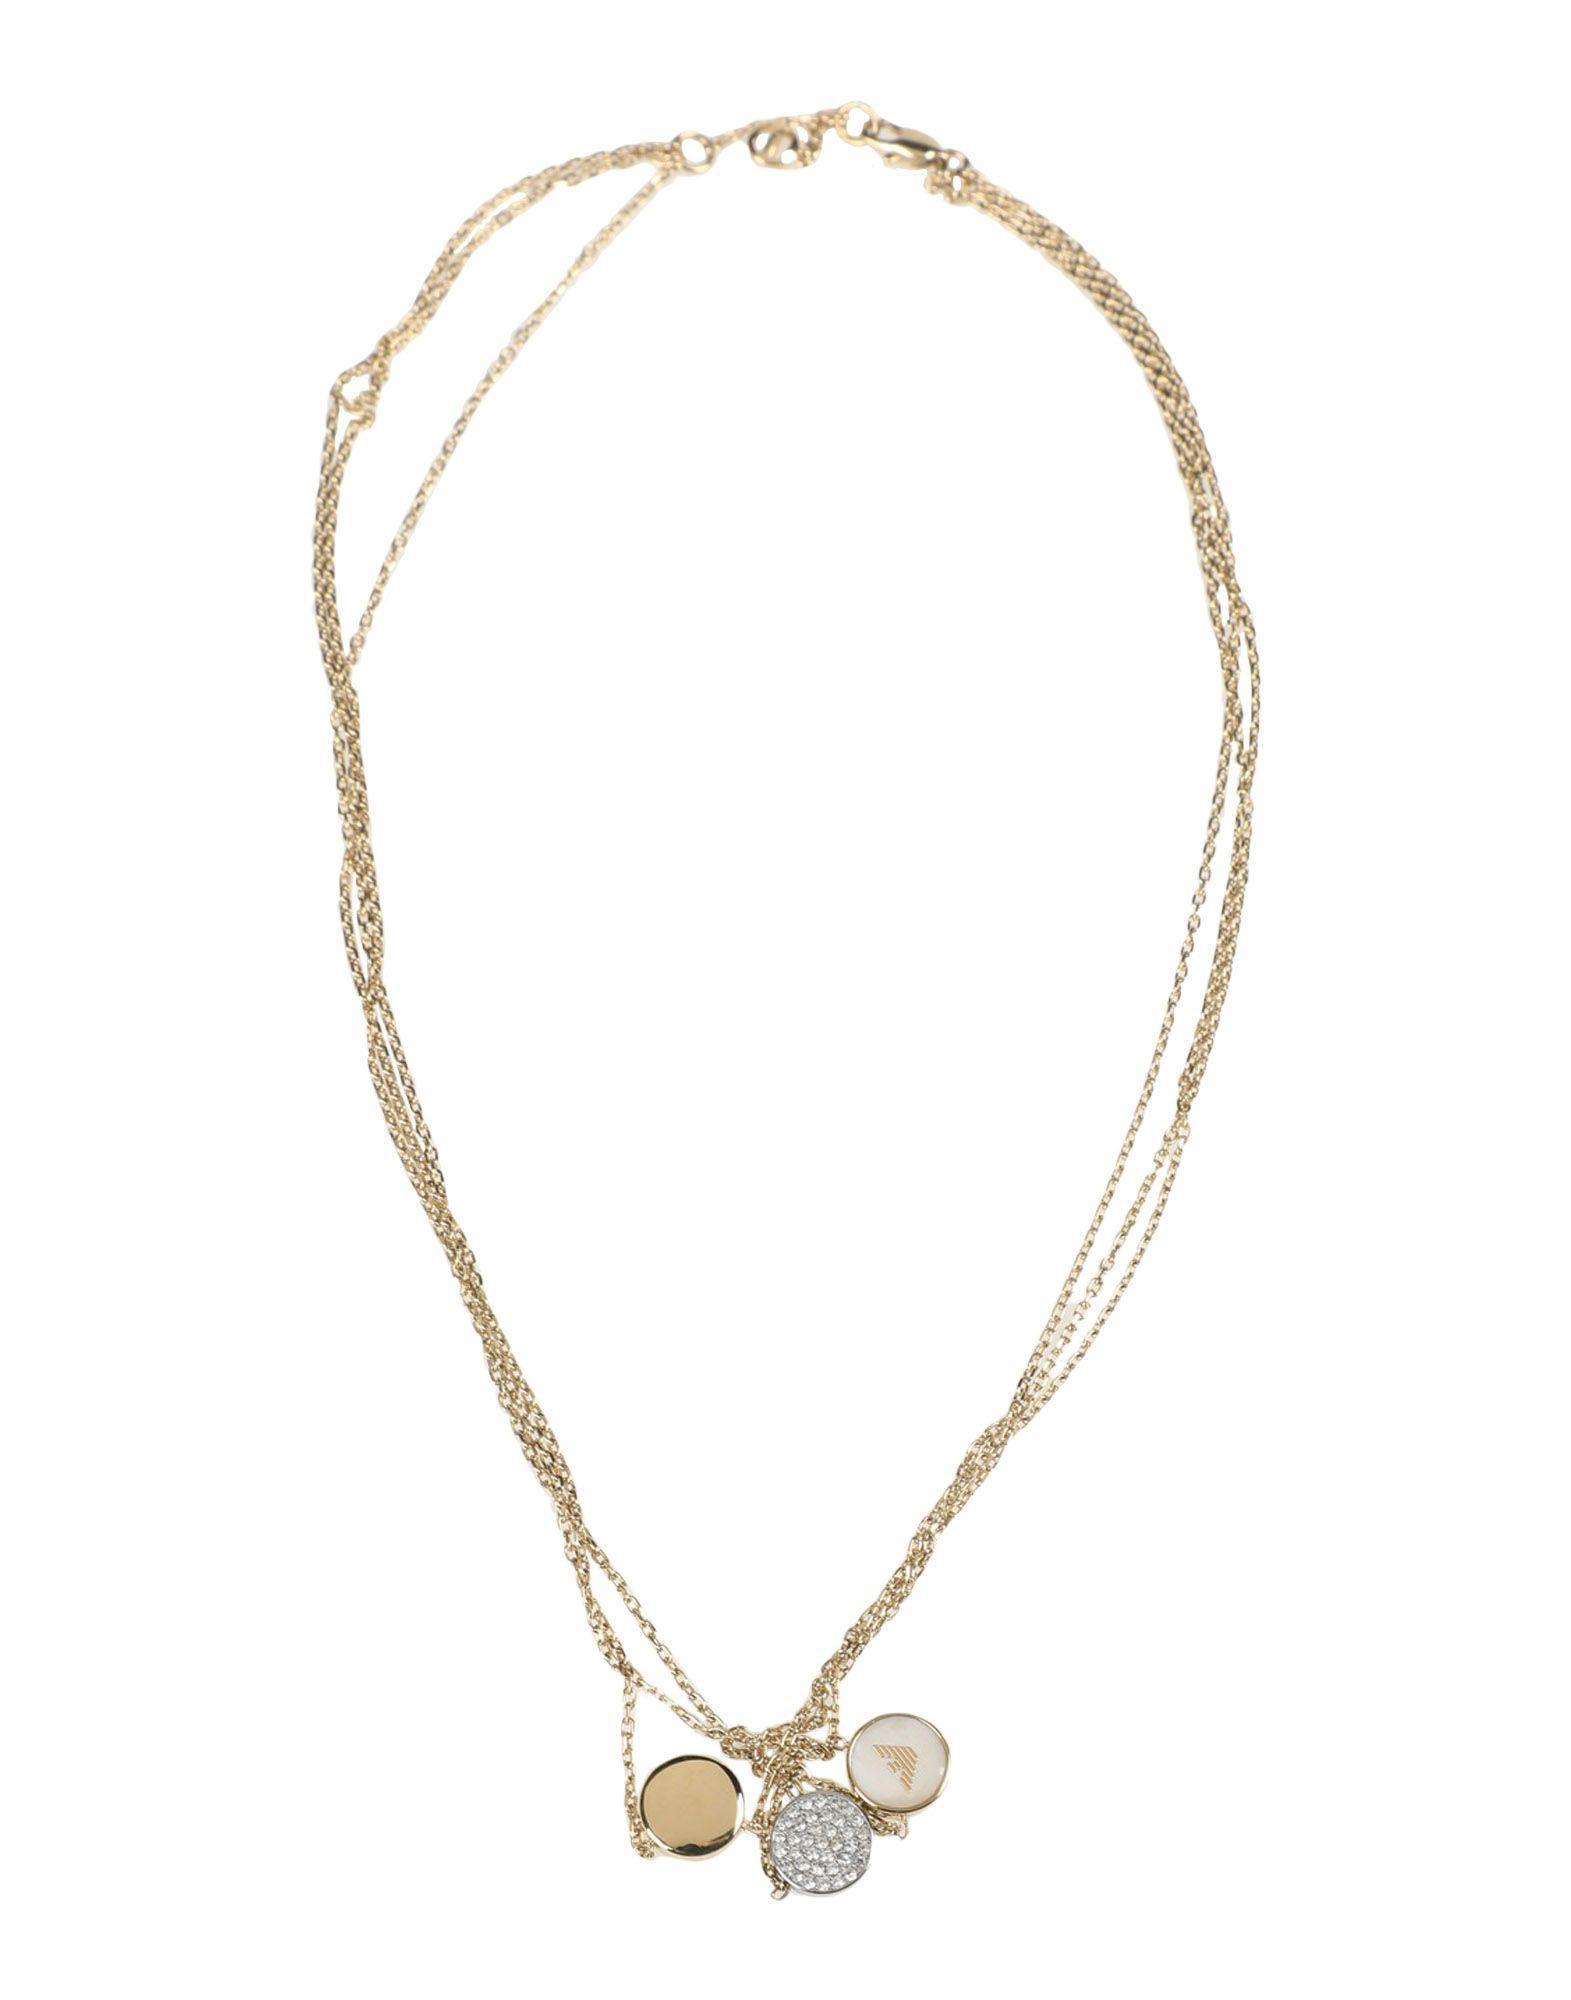 Emporio Armani Necklaces In Gold